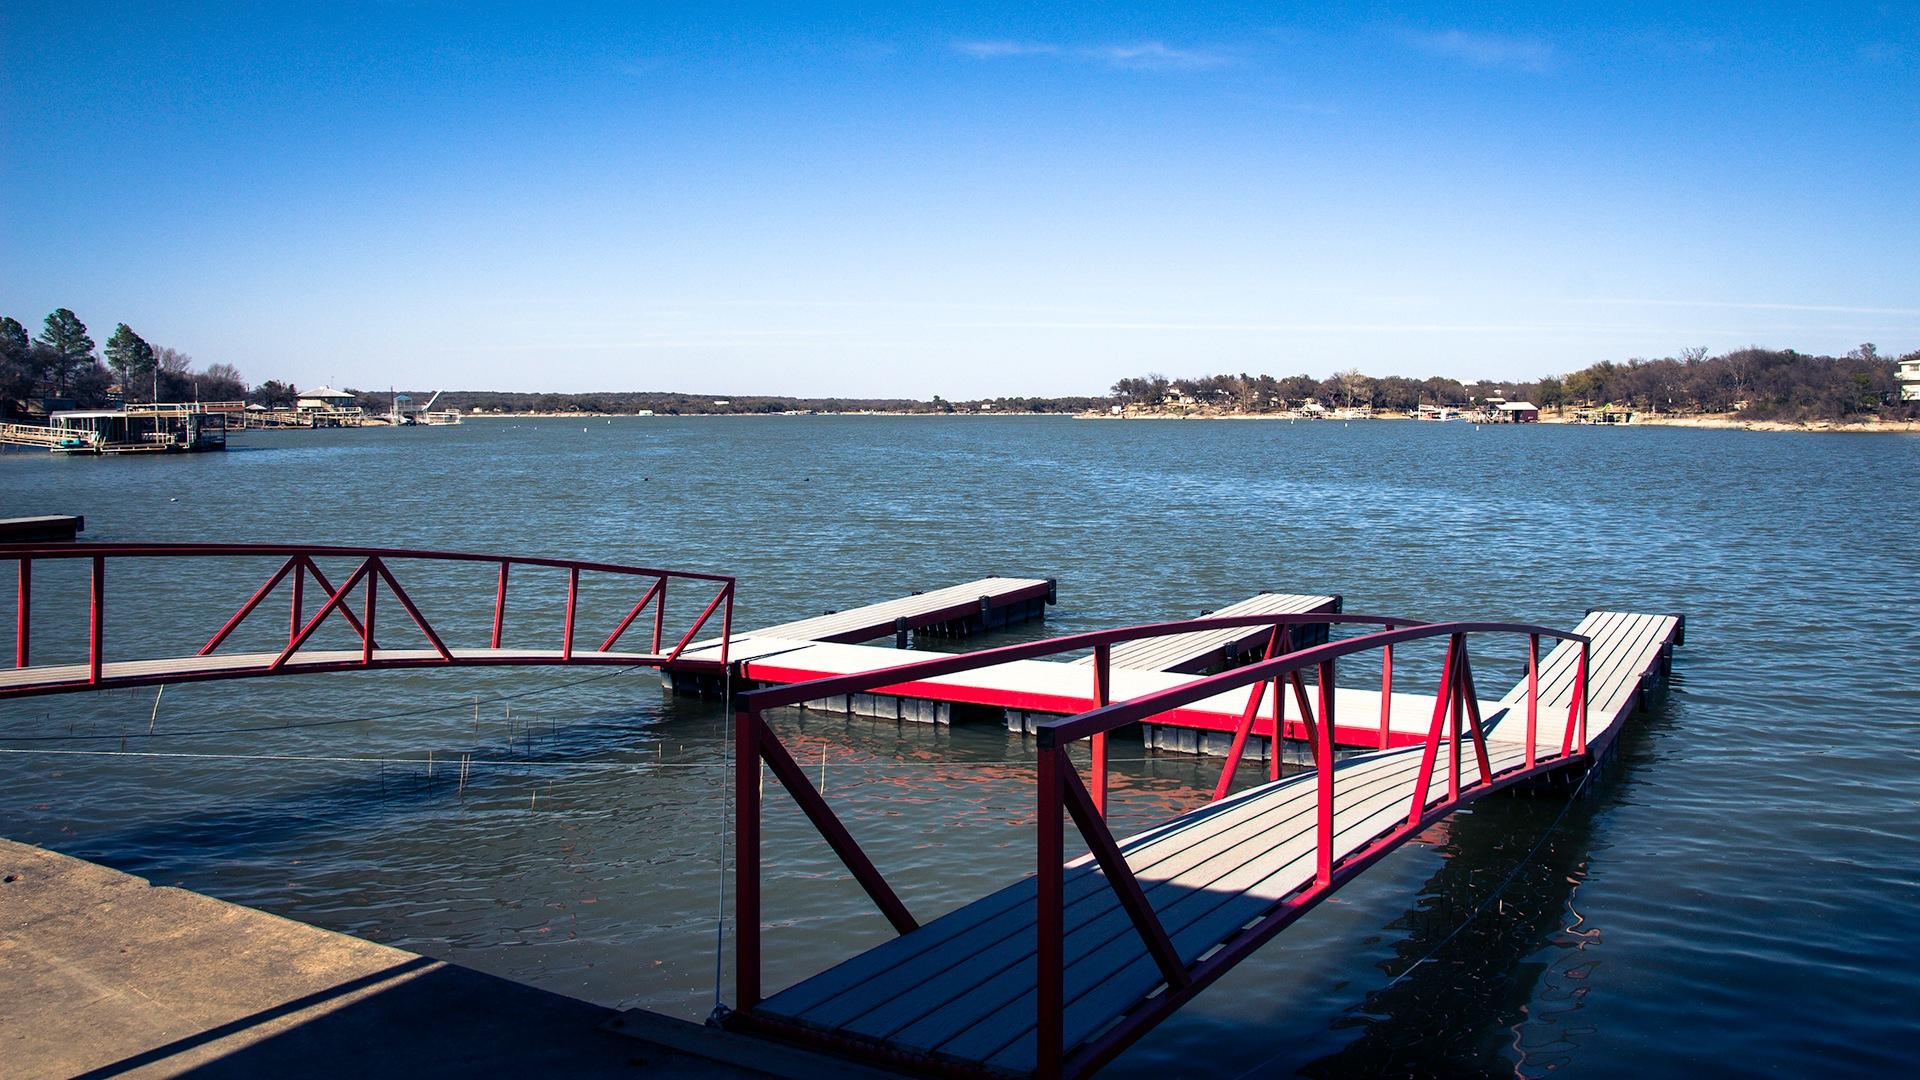 Boat Docks by Lane L Gibson